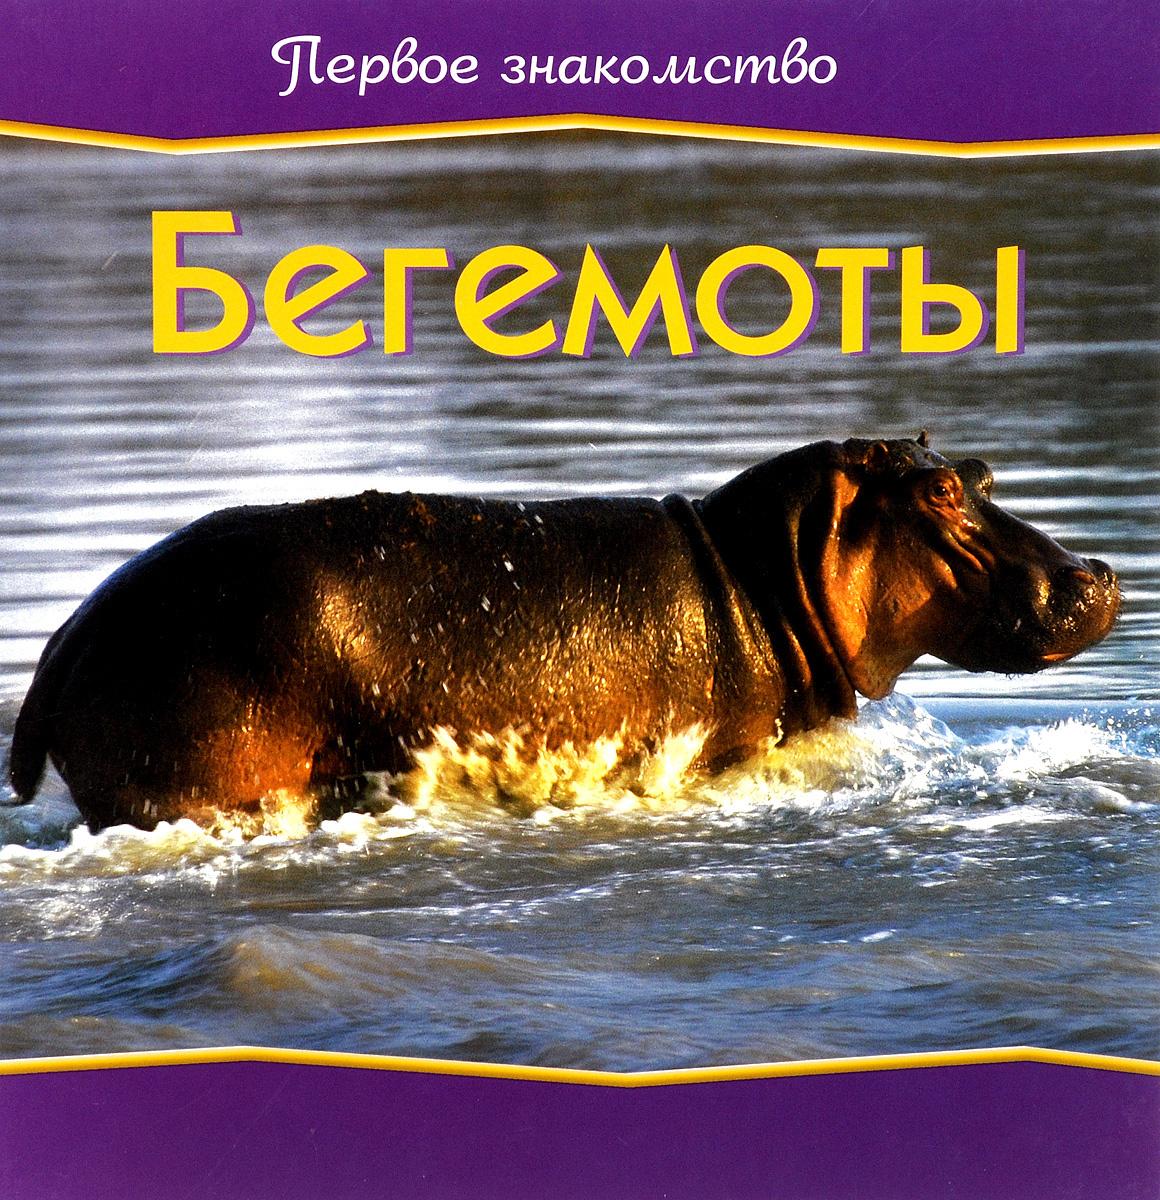 Бегемоты #1